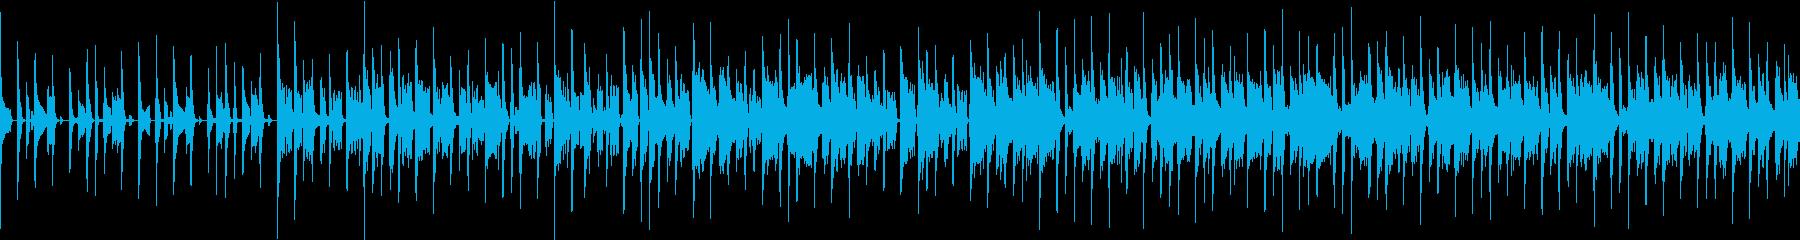 ギャグなエレクトロファンクの再生済みの波形